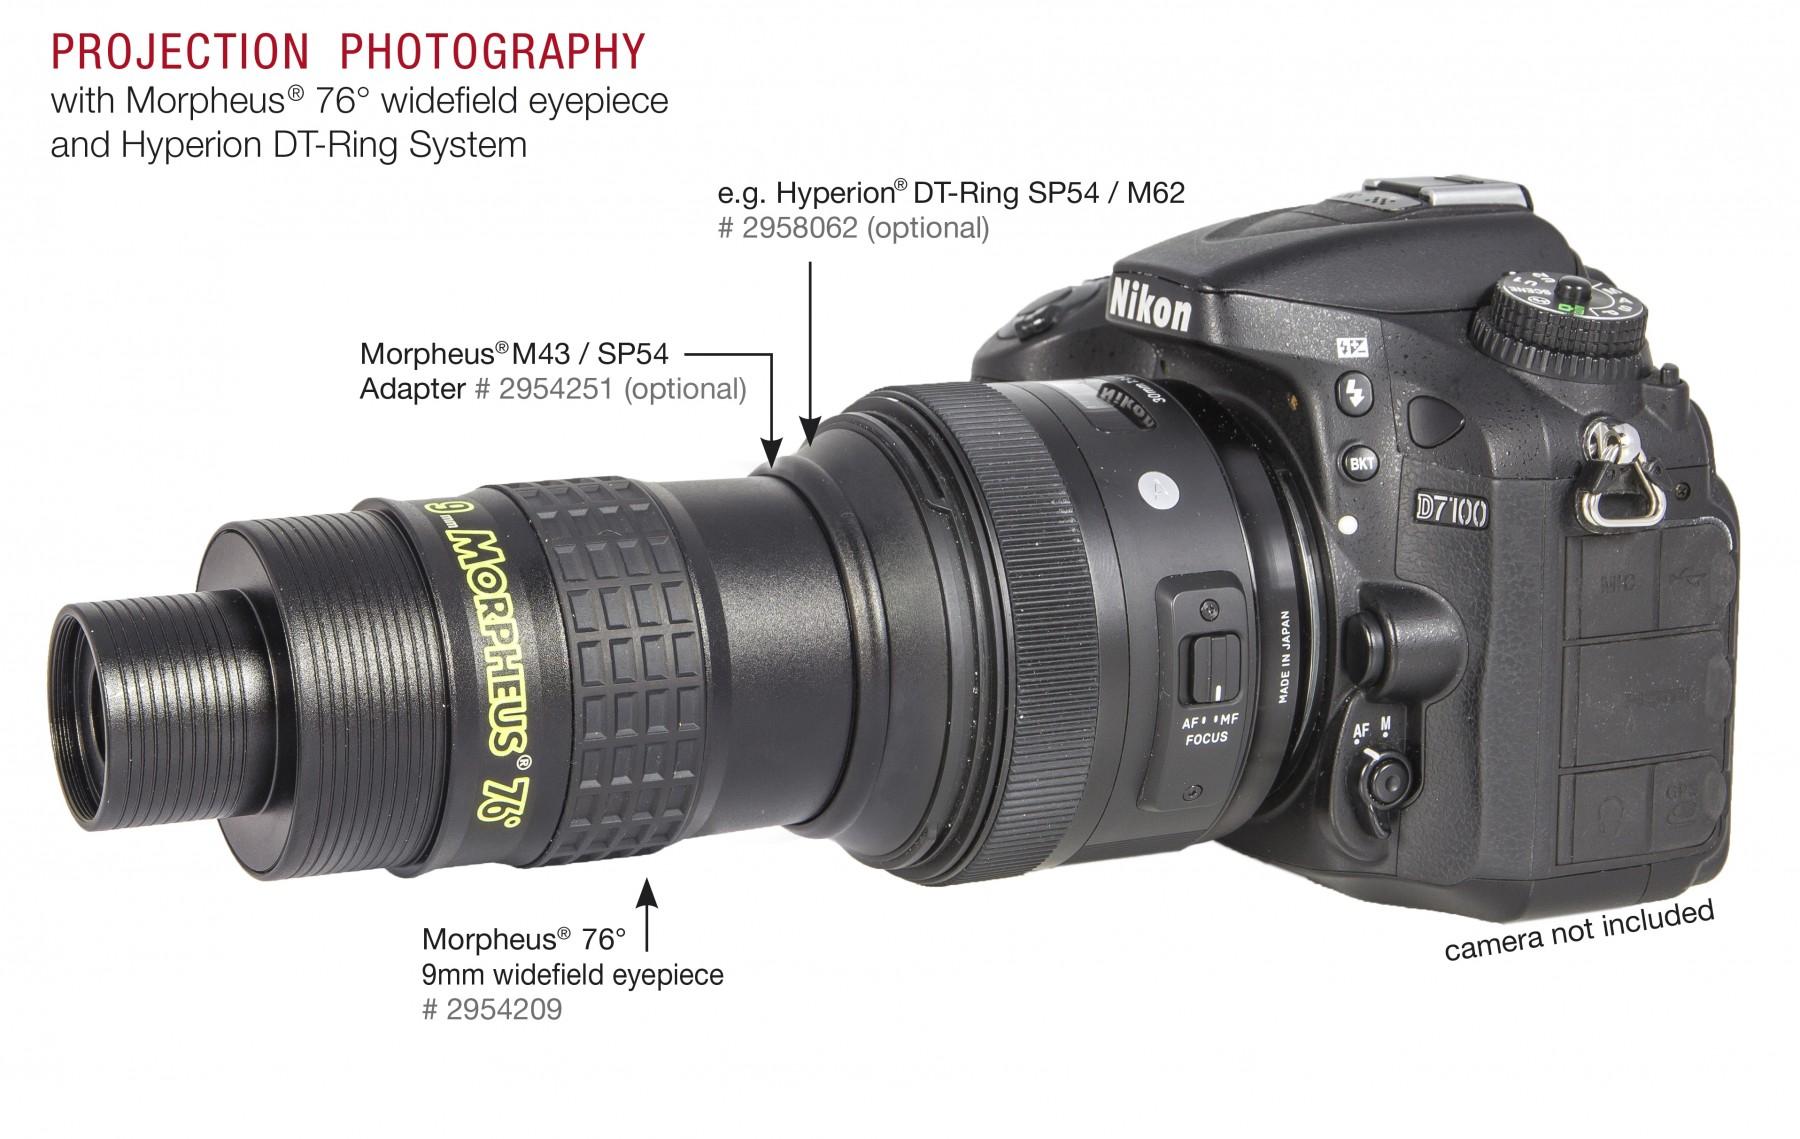 Anwendungsbild: Morpheus 76° für Projektionsfotografie